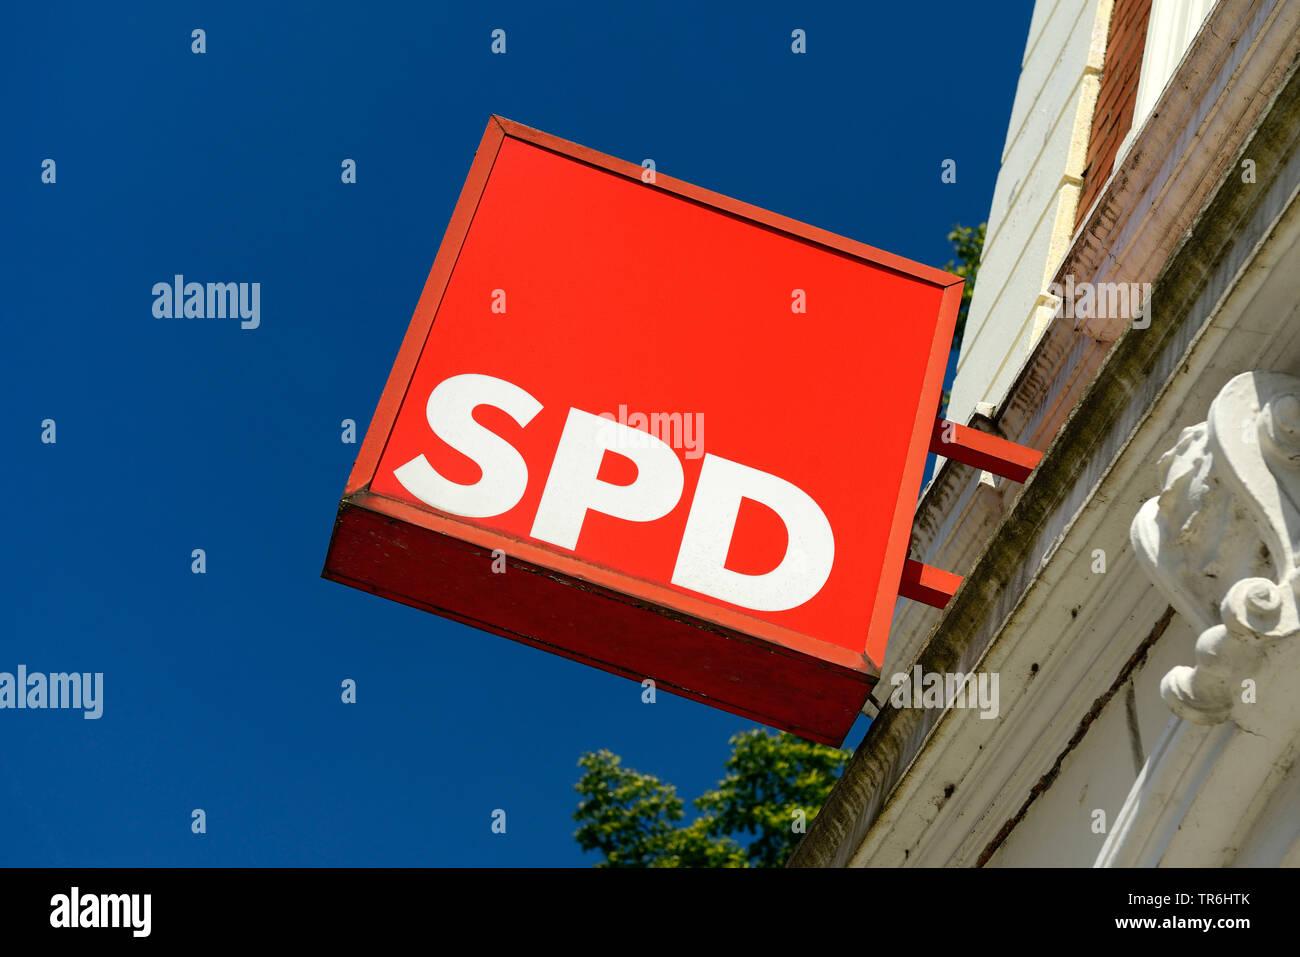 Schild der SPD, Sozialdemokratische Partei Deutschlands, Deutschland | signt of party SPD, Sozialdemokratische Partei Deutschlands, Germany | BLWS4848 - Stock Image